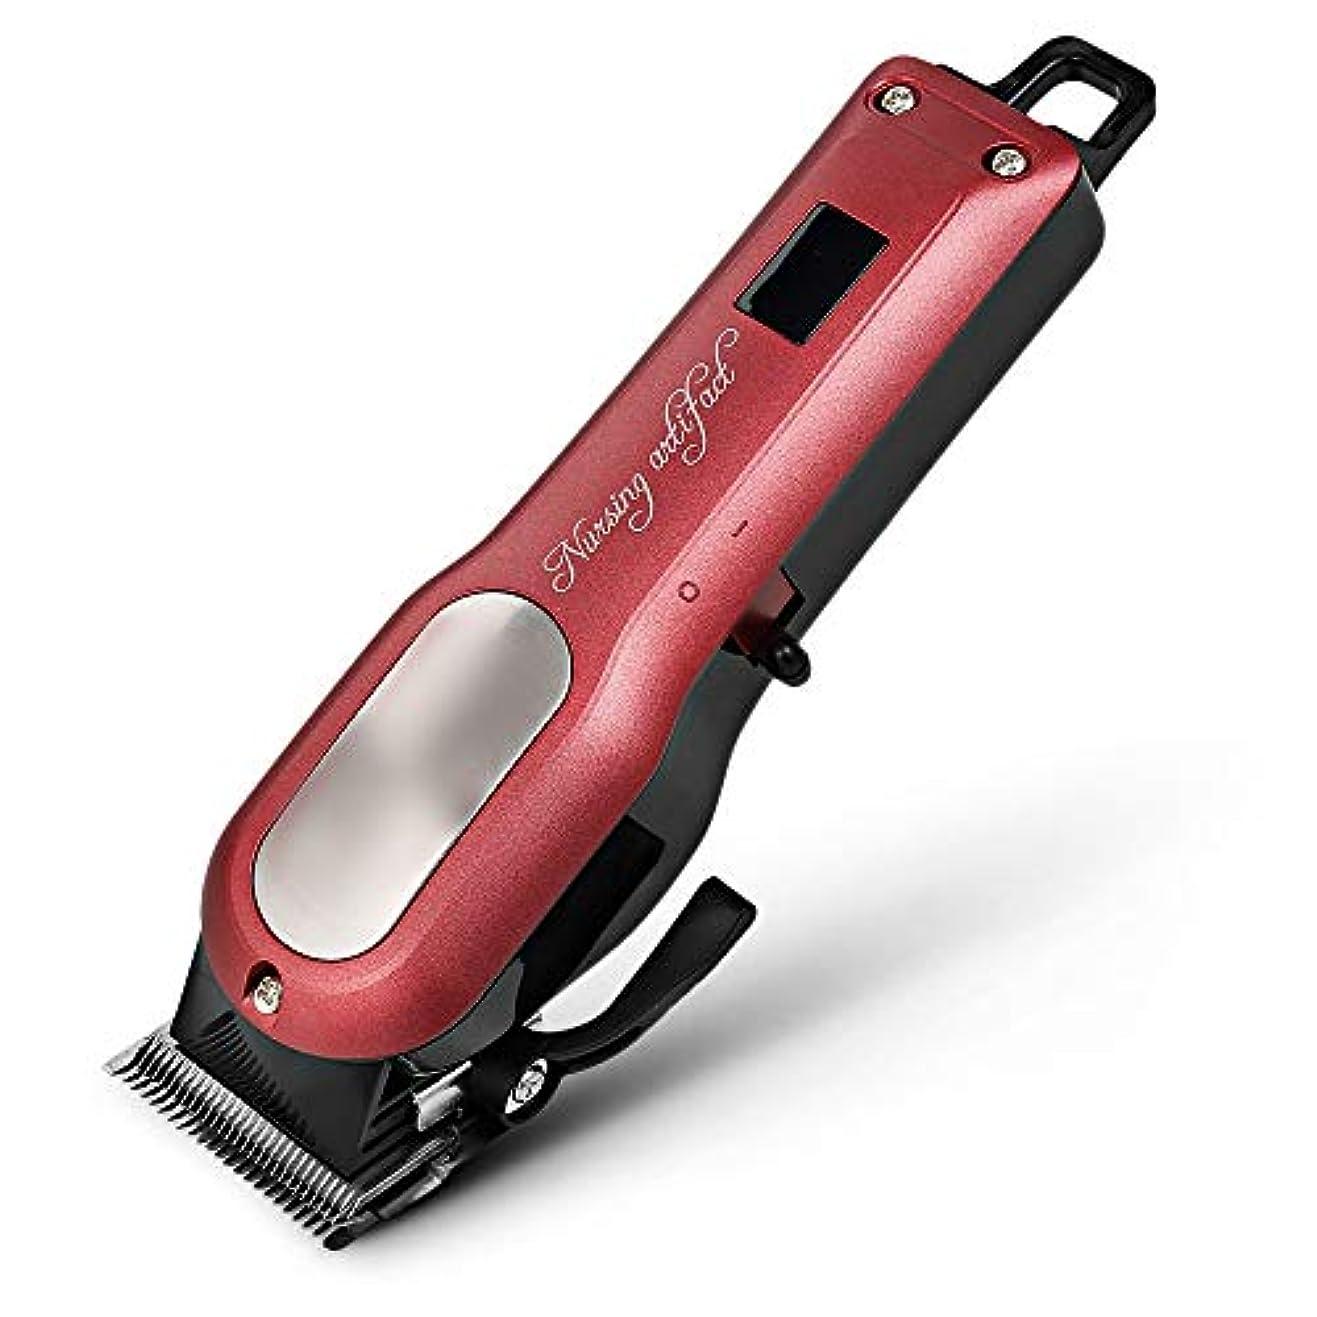 見つける罰する肖像画WAKABAFK プロフェッショナル充電式電動バリカンデジタルヘア髭剃り剃刀トリマーメンズコードレス散髪機